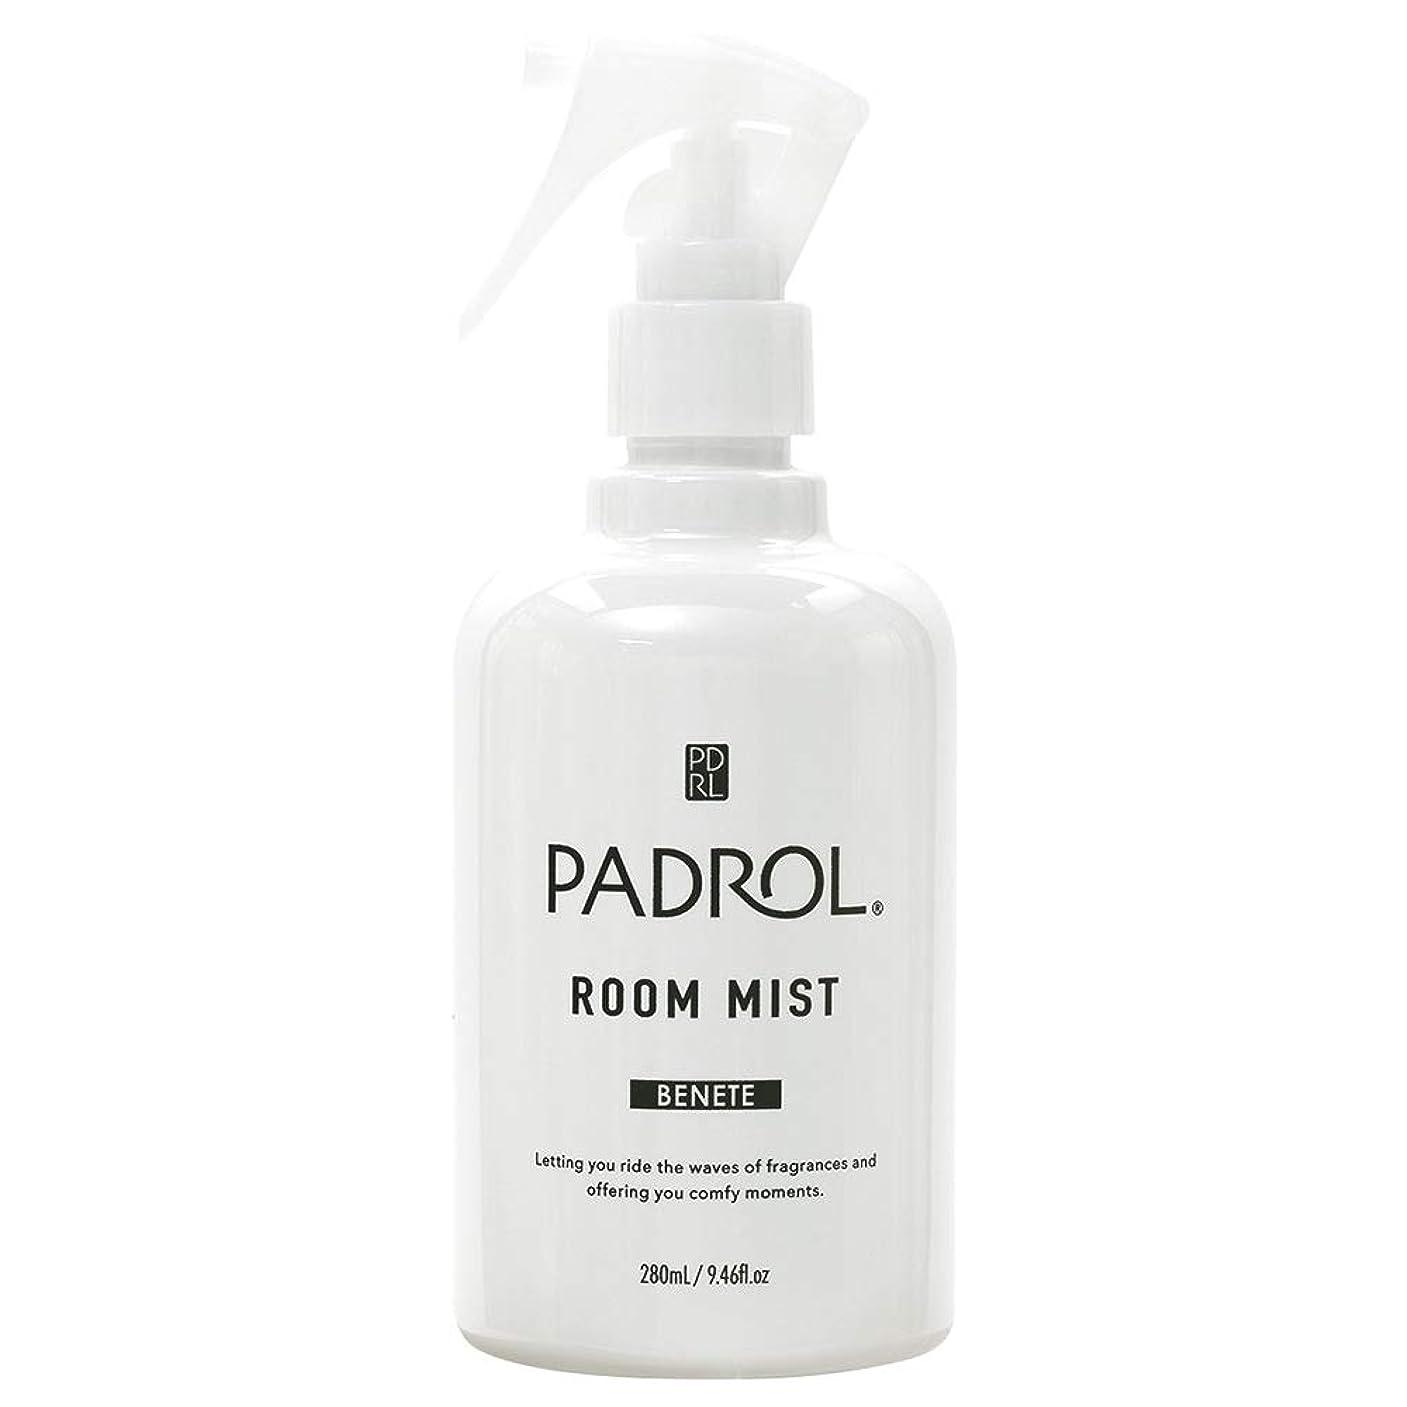 行為メロドラマ差し控えるノルコーポレーション ルーム&ファブリックミスト PADROL ホワイトムスクの香り 280ml PAB-2-01